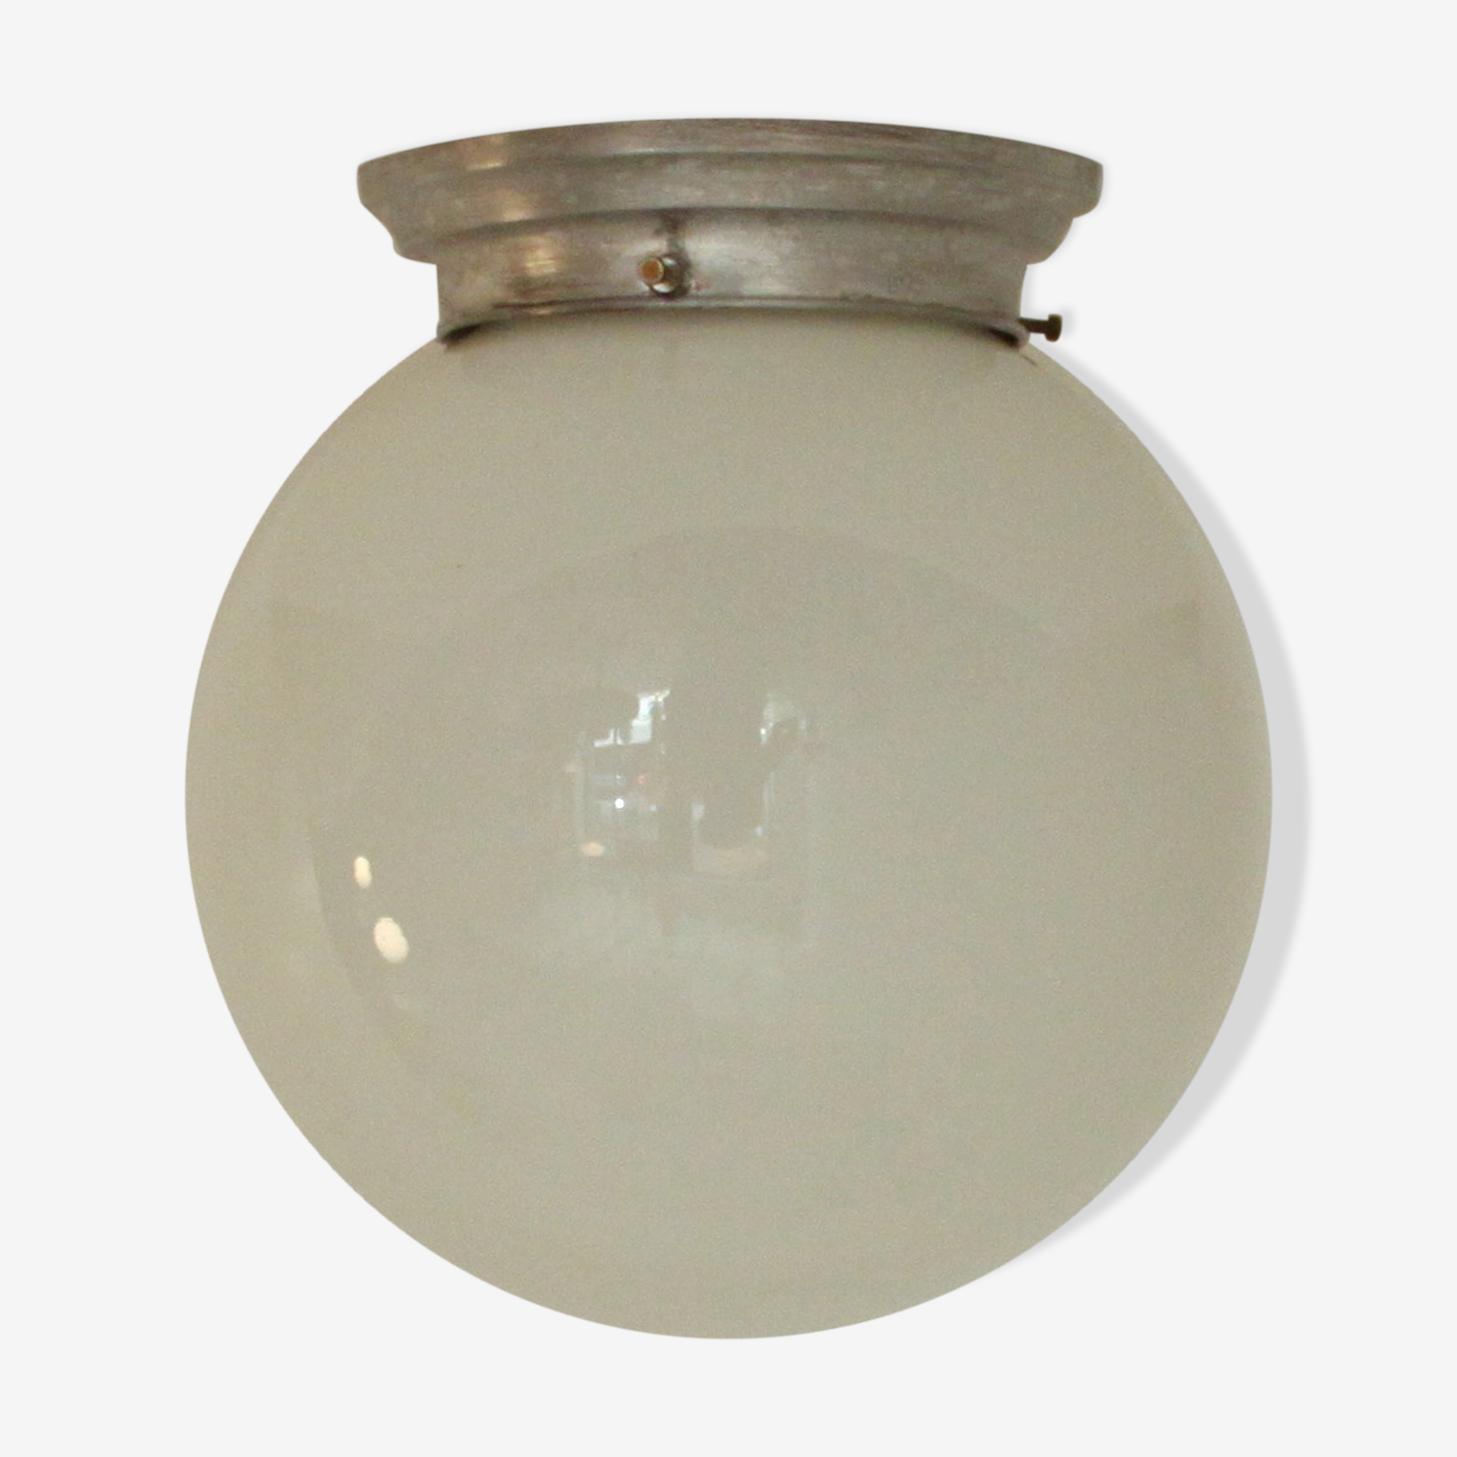 White opaline glass ball globe ceiling light